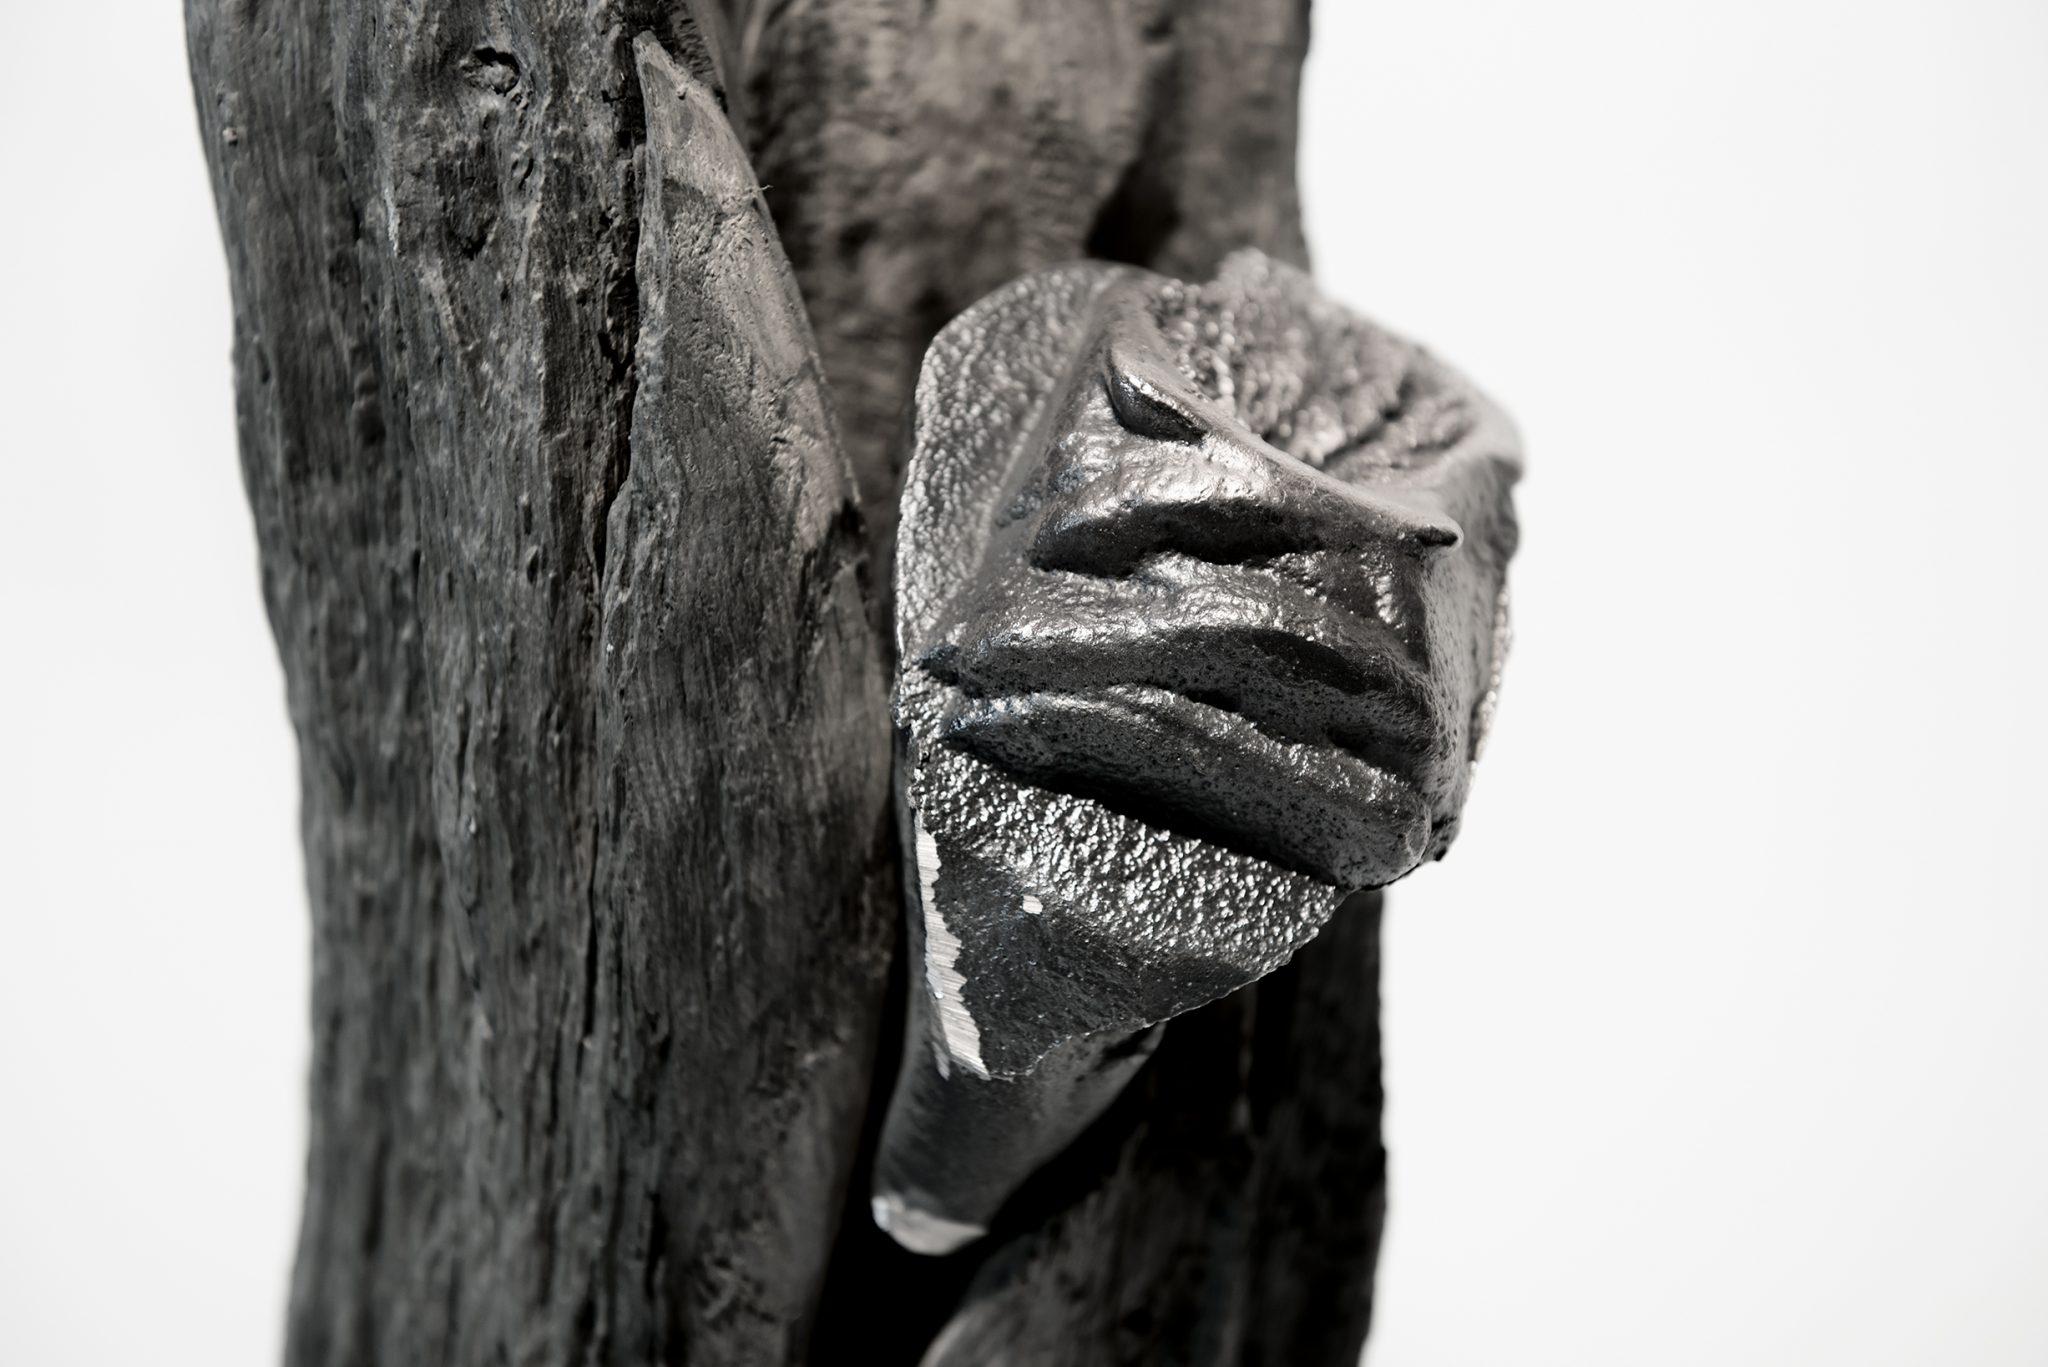 https://wolf-e-schultz.de/wp-content/uploads/2019/09/1134-Aus-der-Bronzezeit_2.jpg